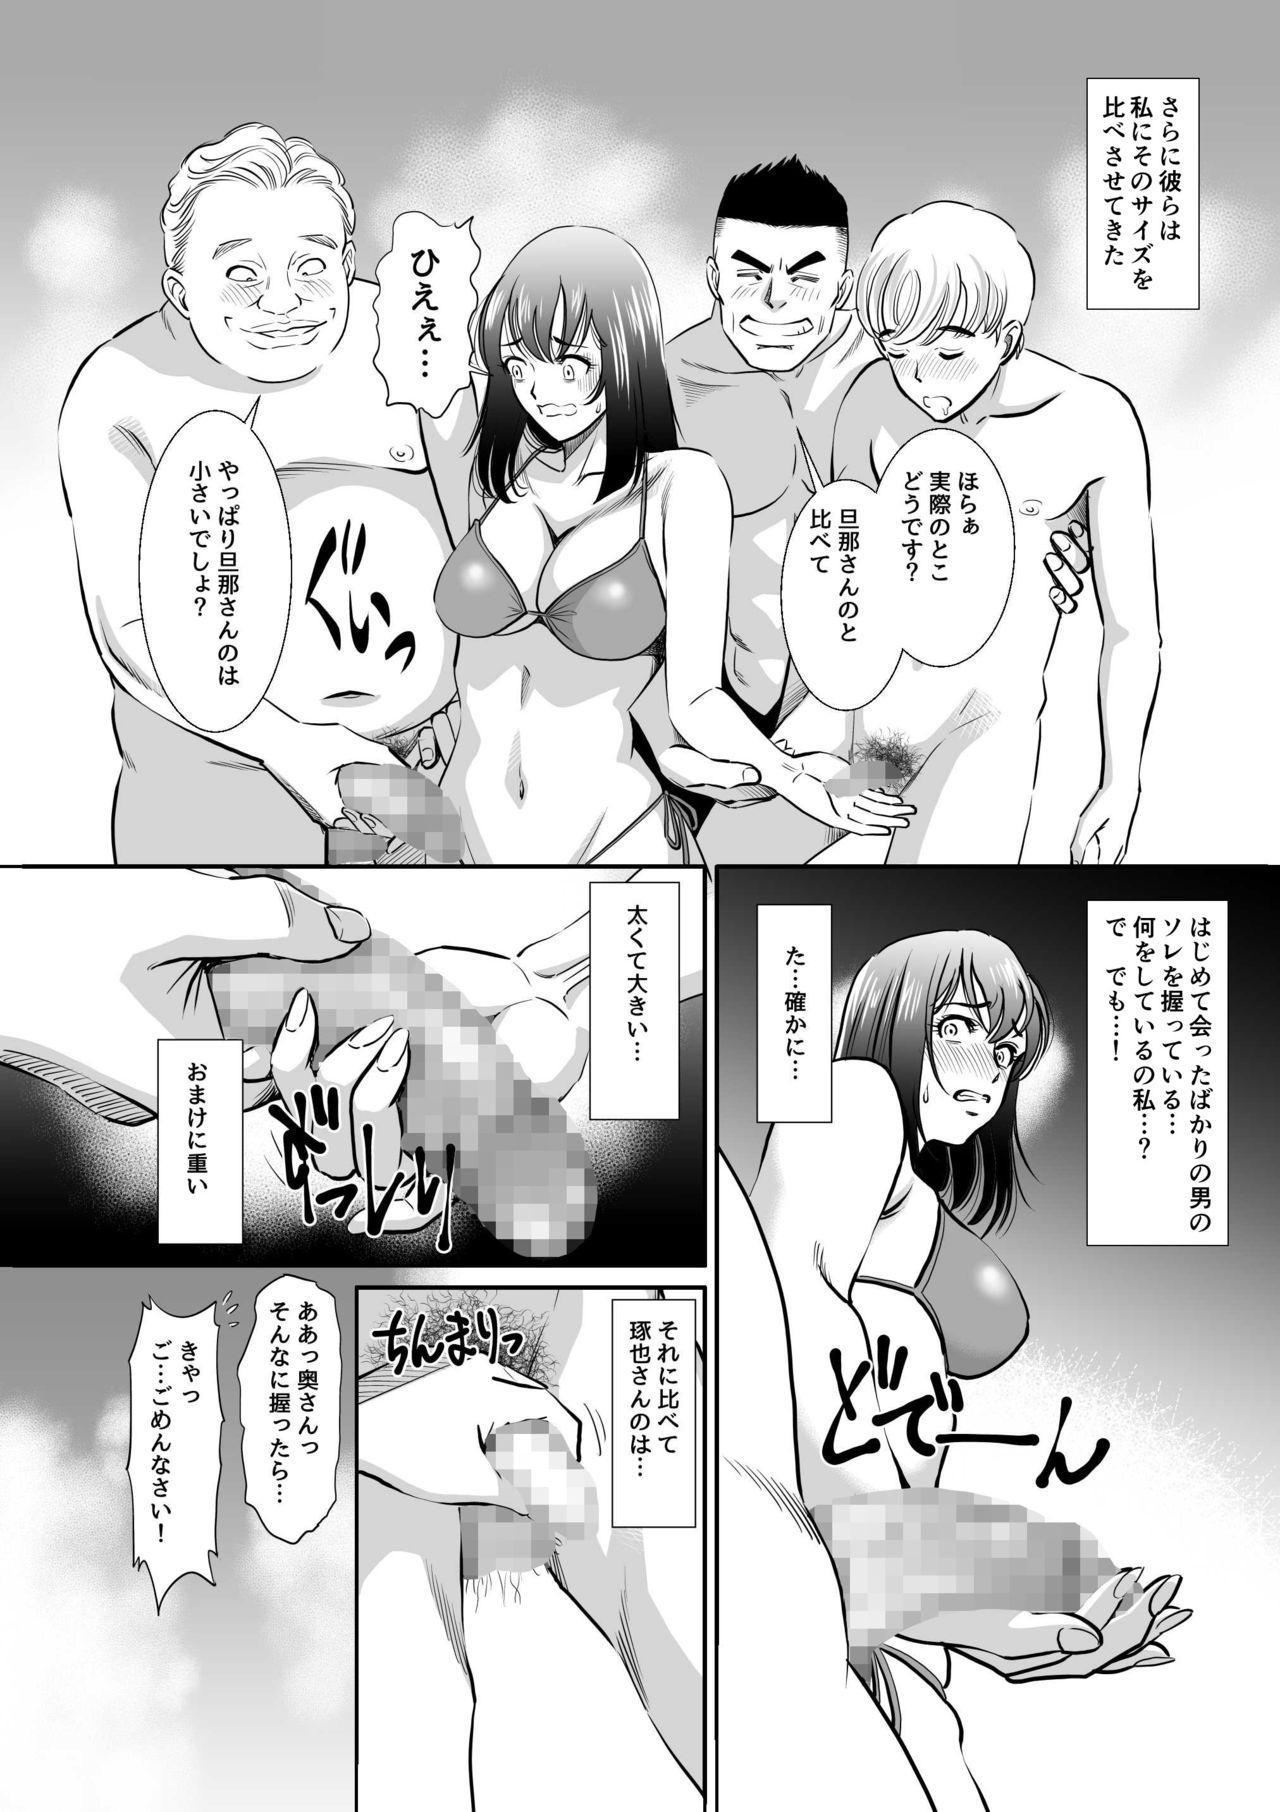 Nudist Beach e Shinkon Ryokou Saserareta Tsuma 10